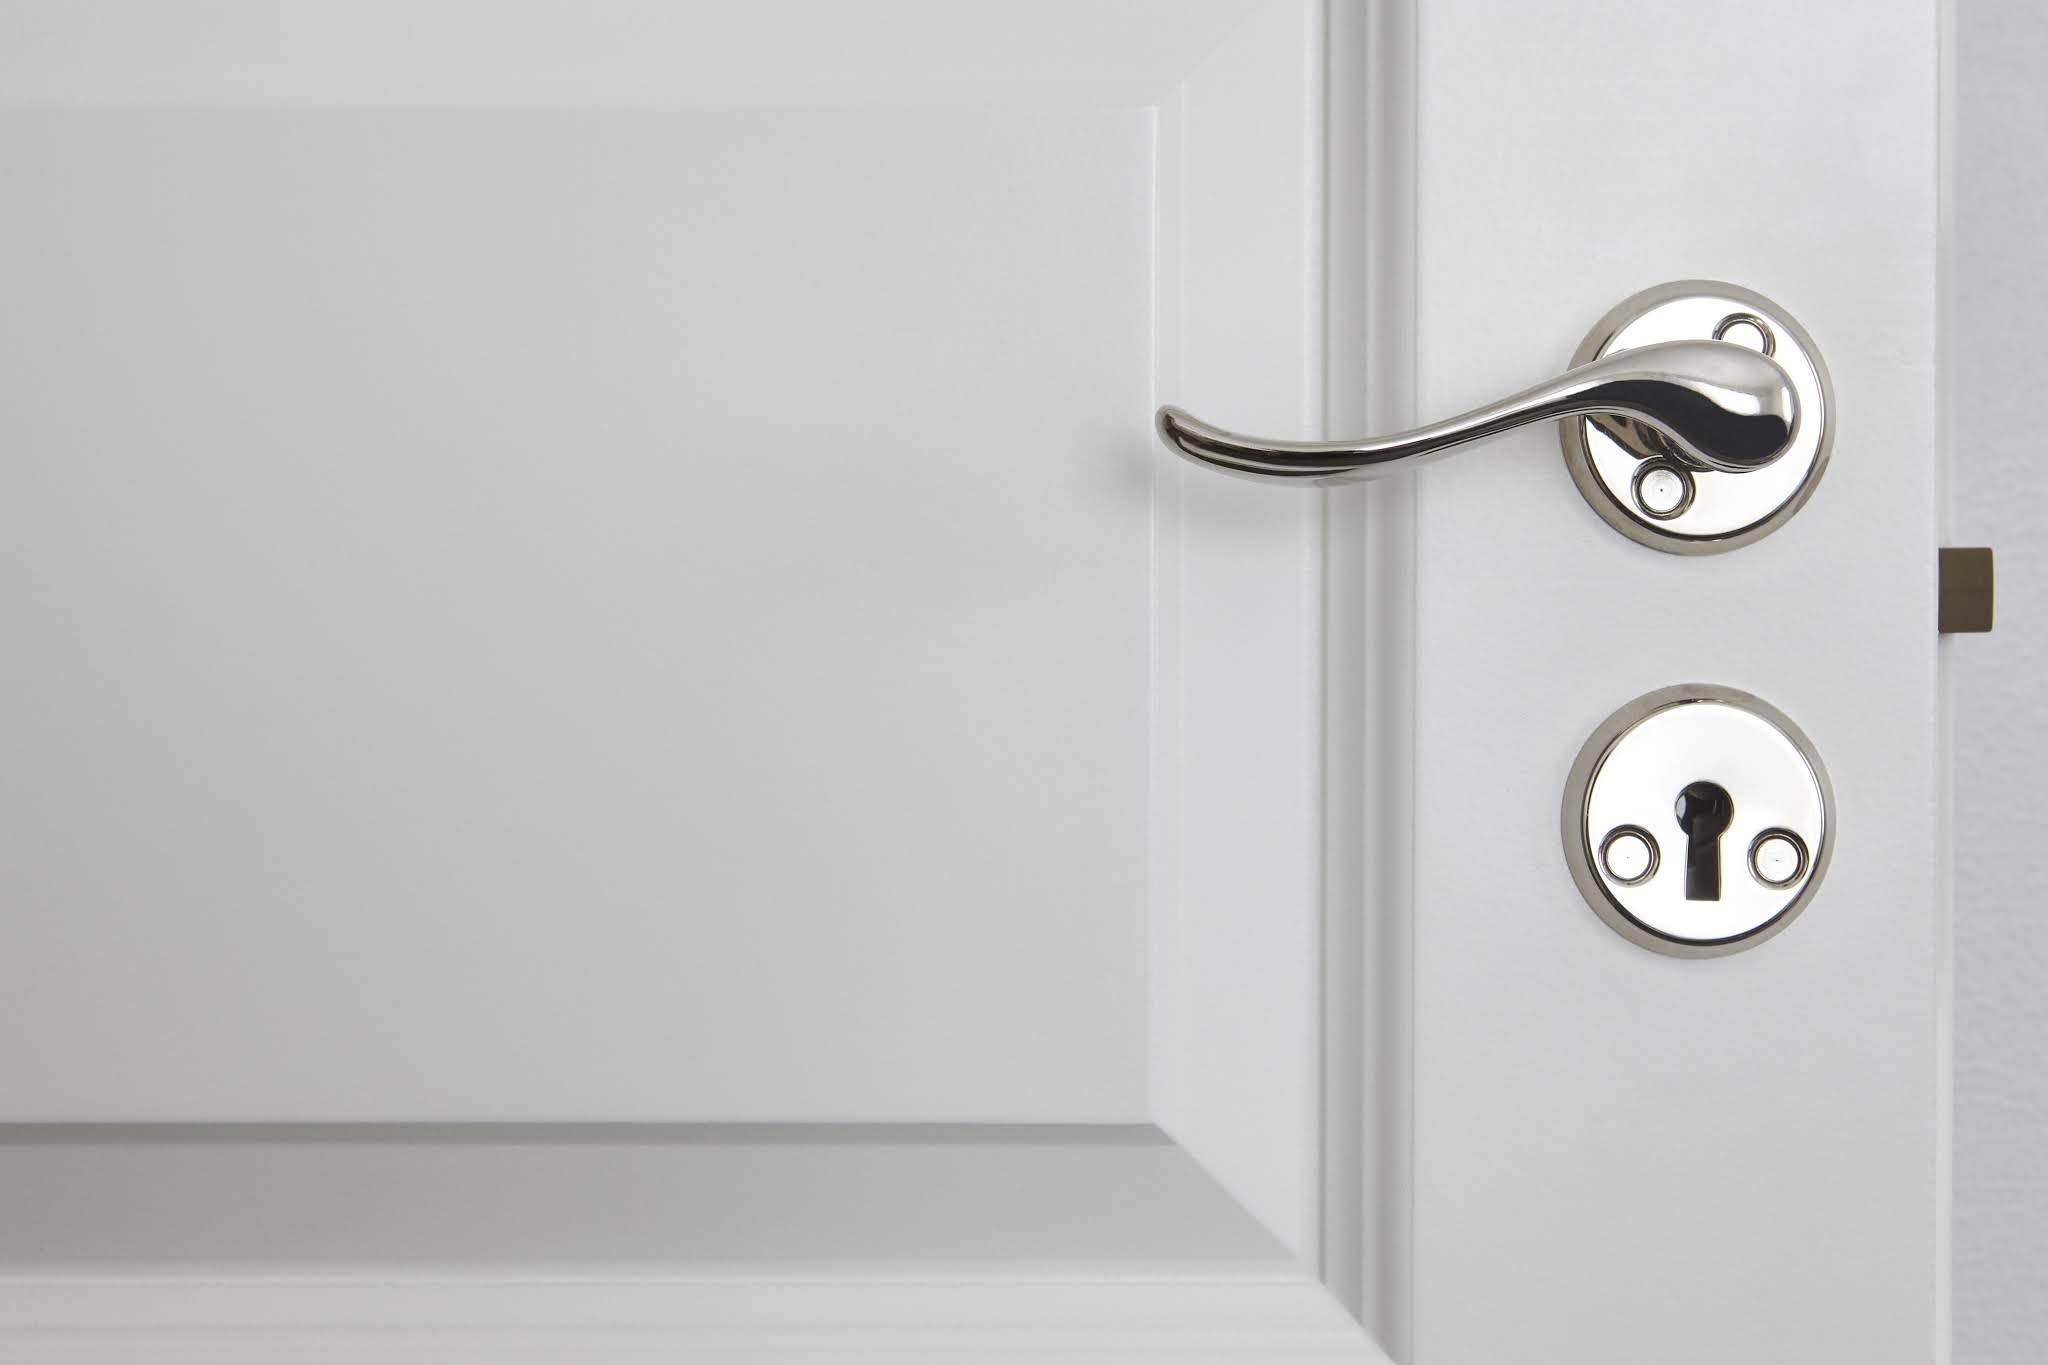 A importância das fechaduras nas portas. Saiba mais sobre algumas especificações e sempre fique atento, para a segurança do seu apê.